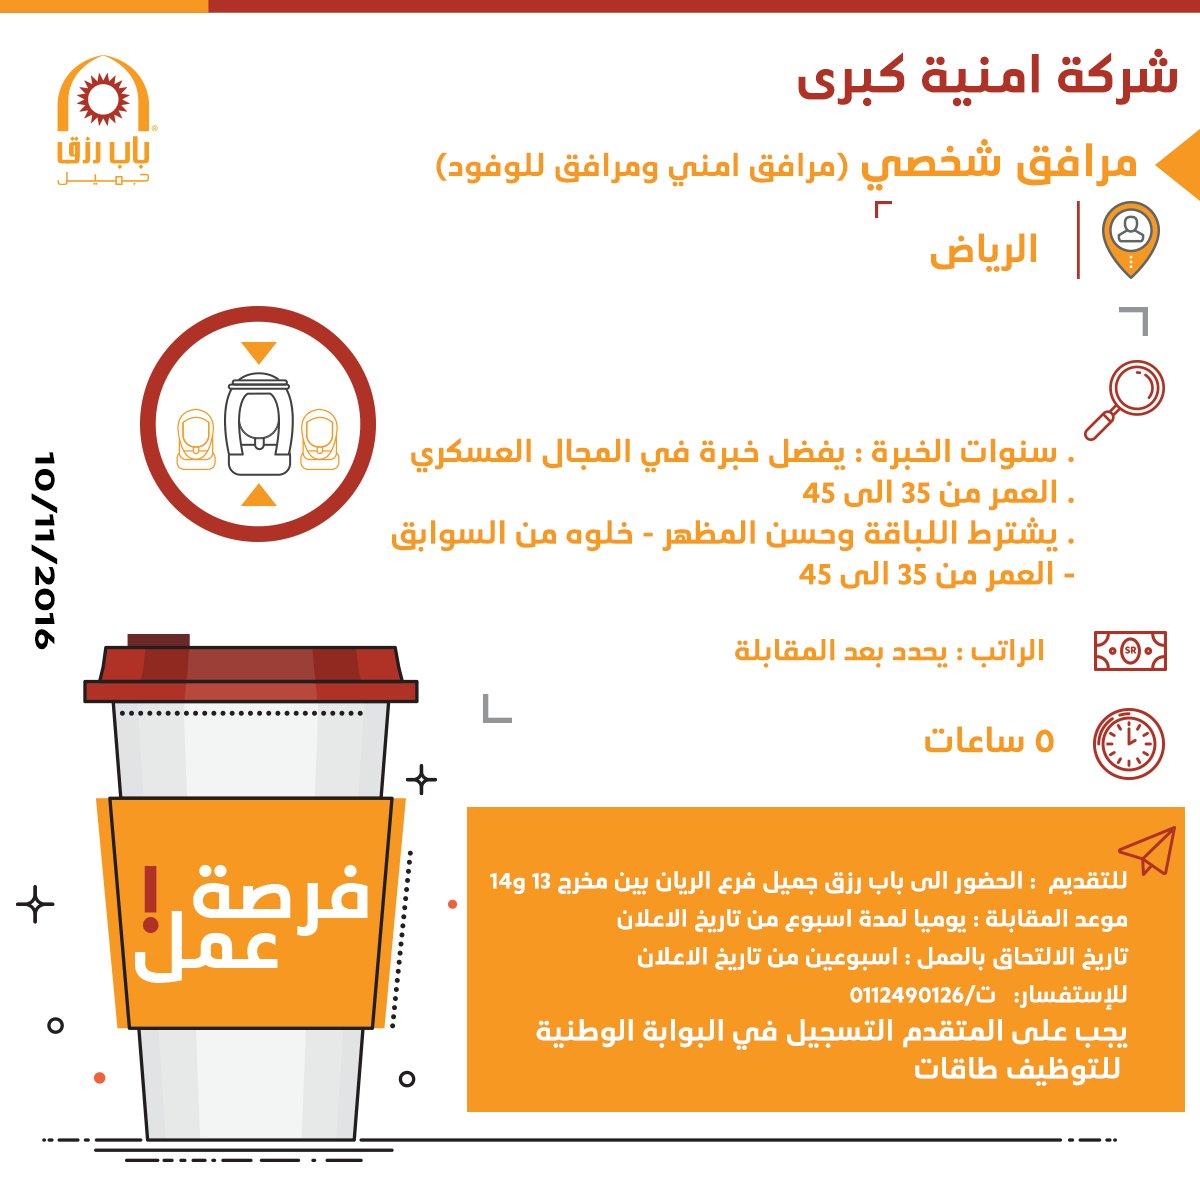 مطلوب مرافق شخصي - الرياض